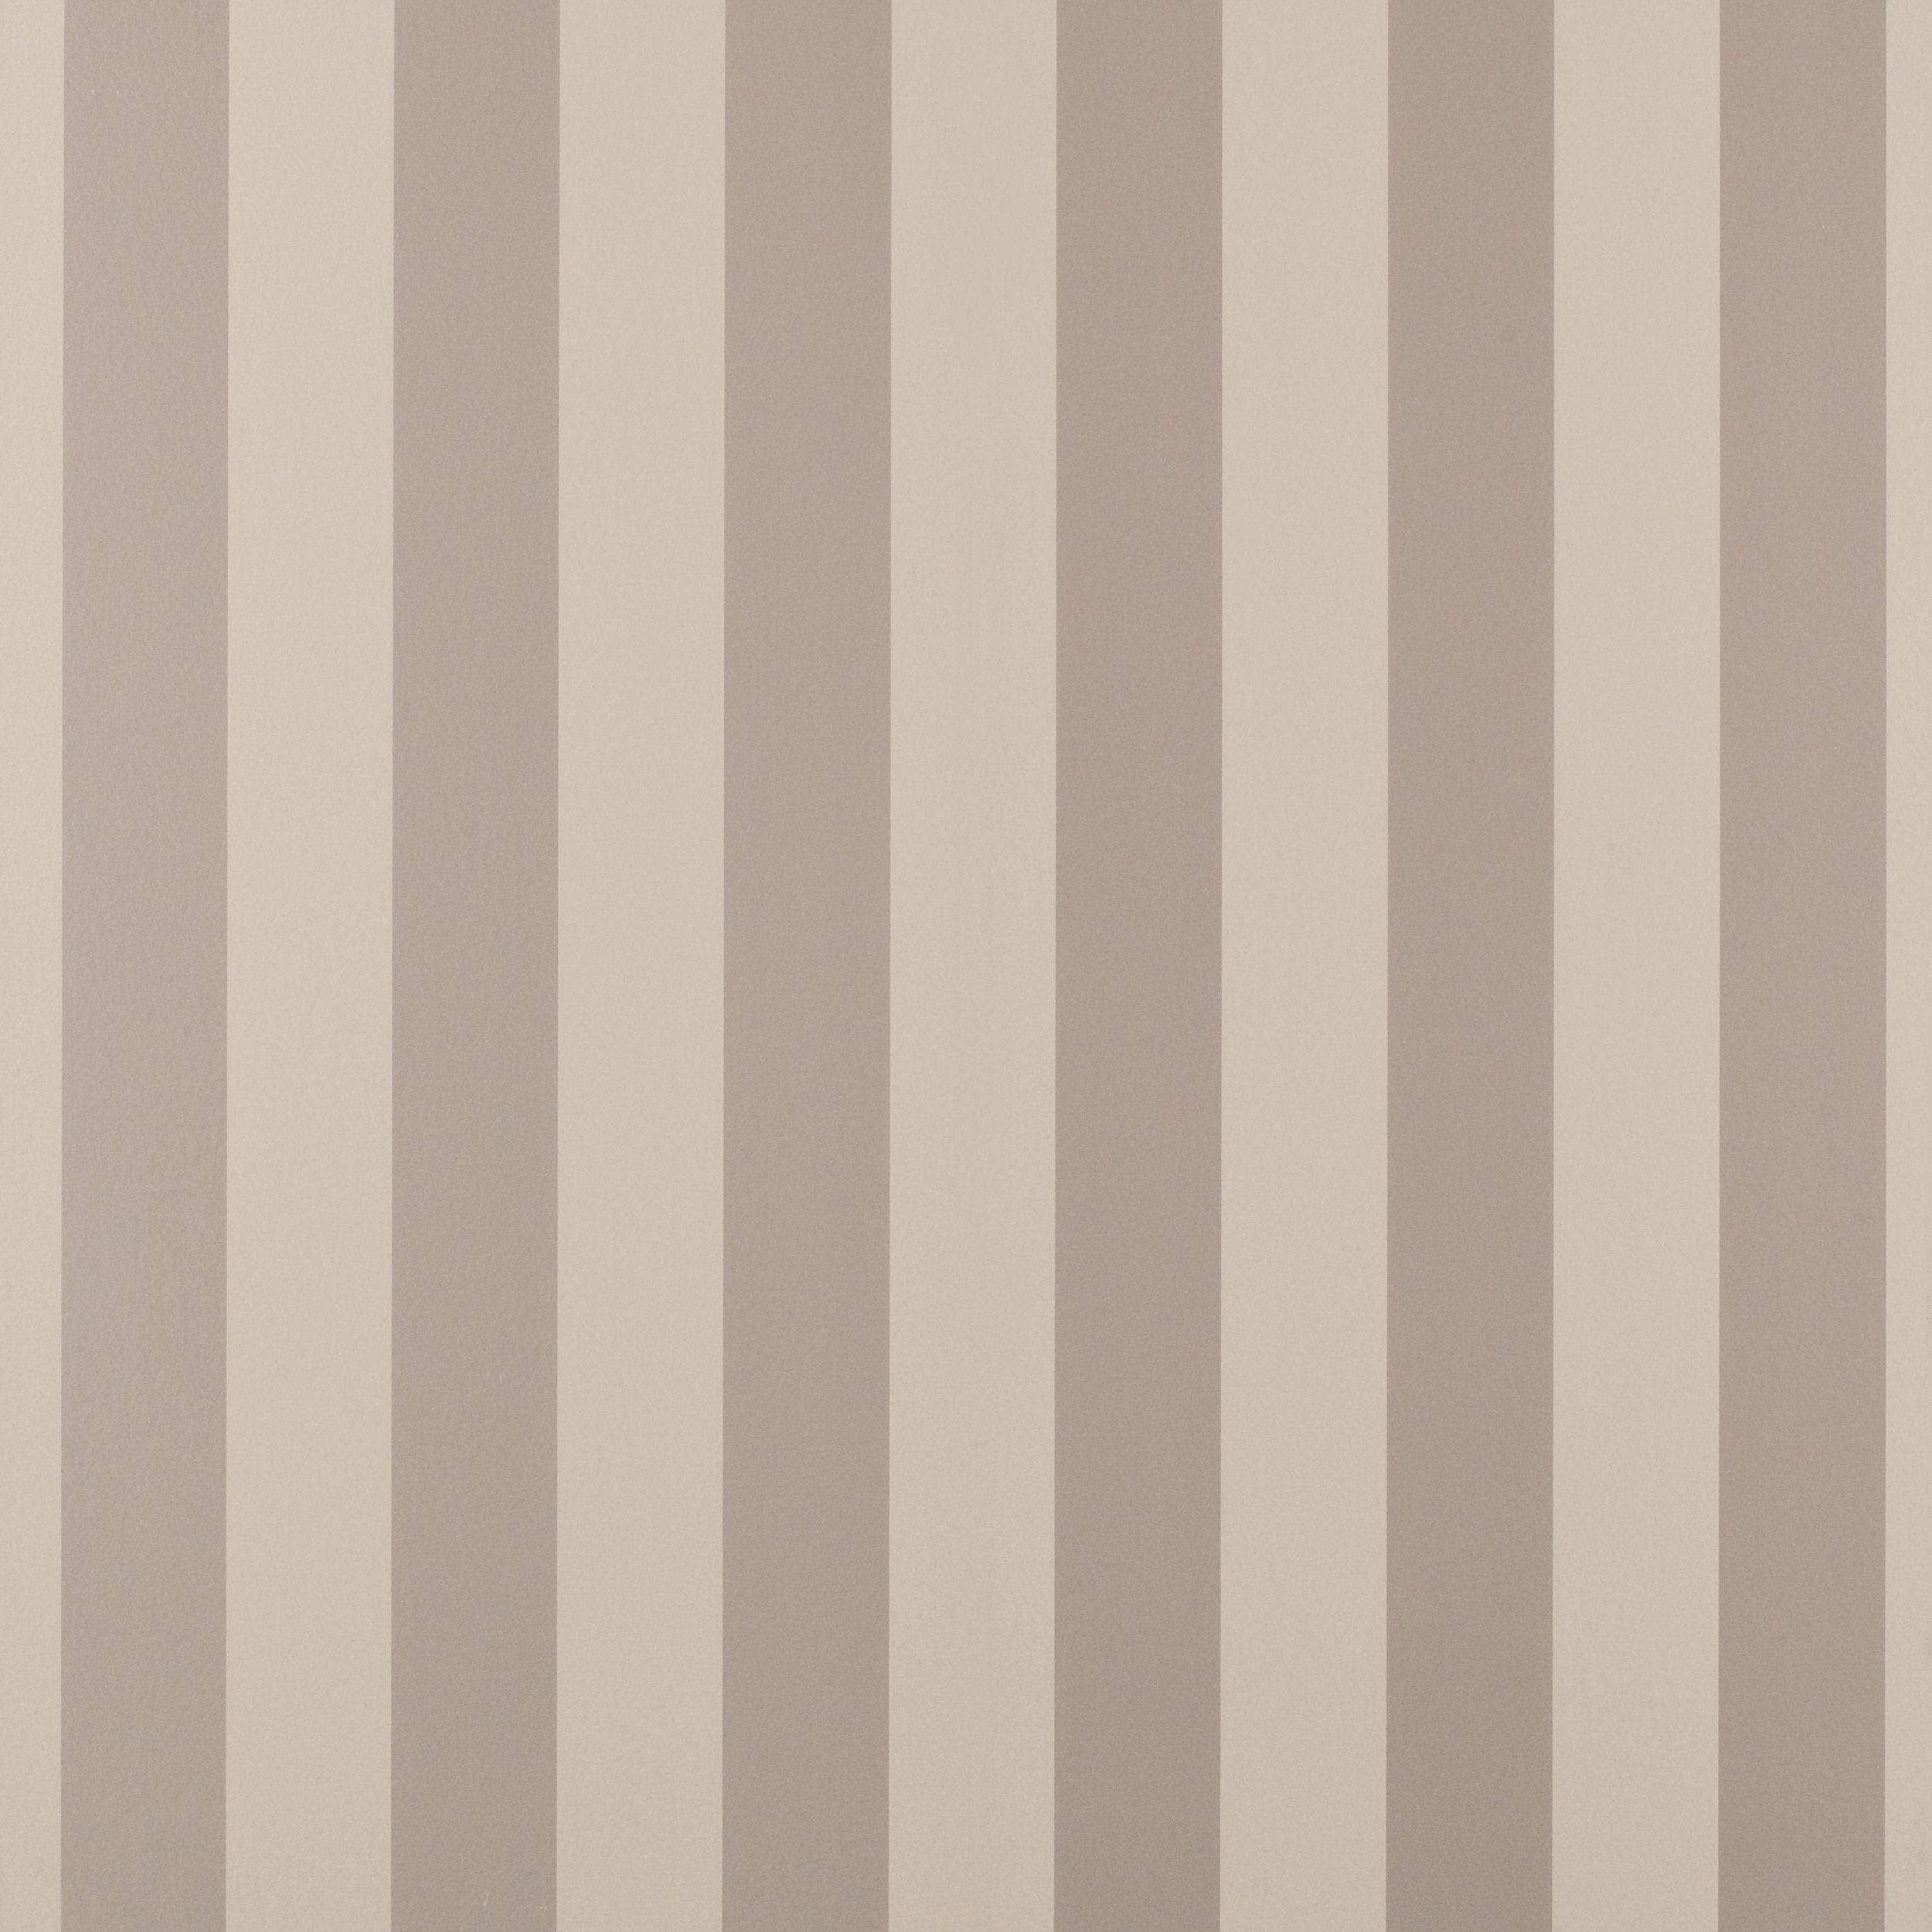 Lille Truffle Stripe Wallpaper Dream Home Pinterest